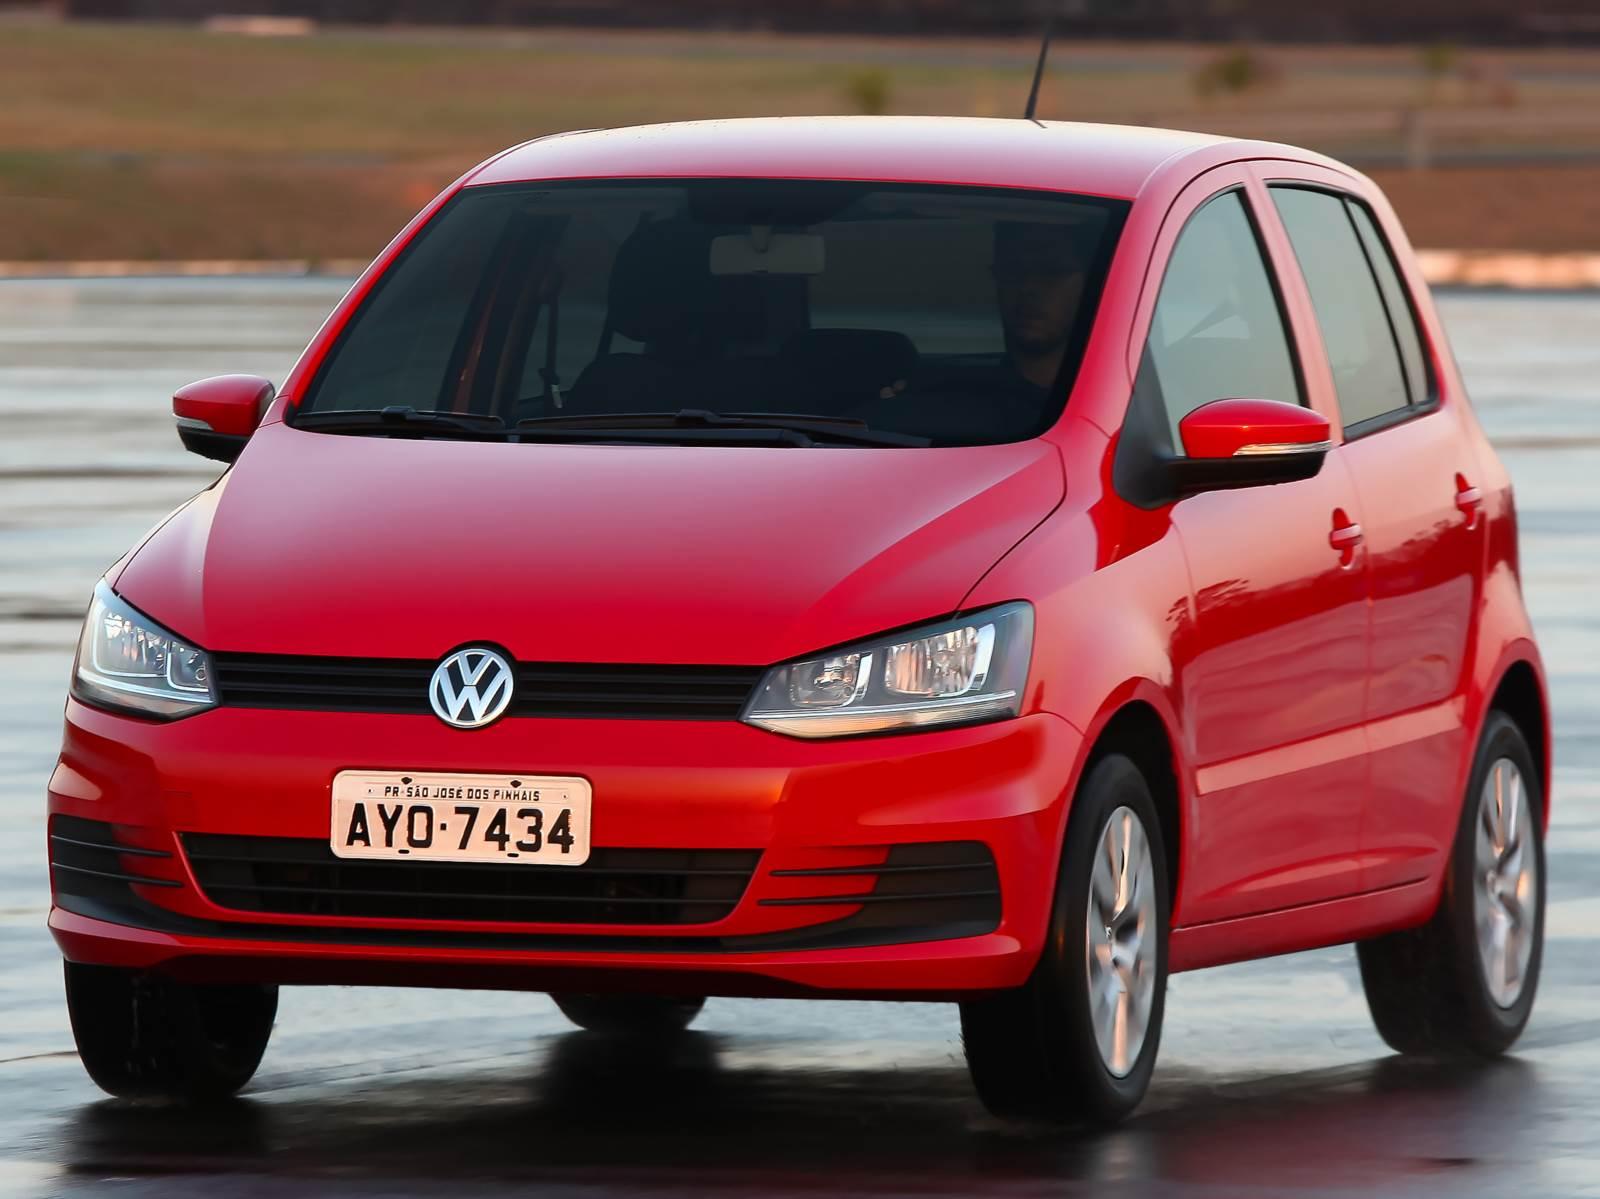 Novo Volkswagen Fox 2015  preços, versões e detalhes   Motor Vício 6e22362023